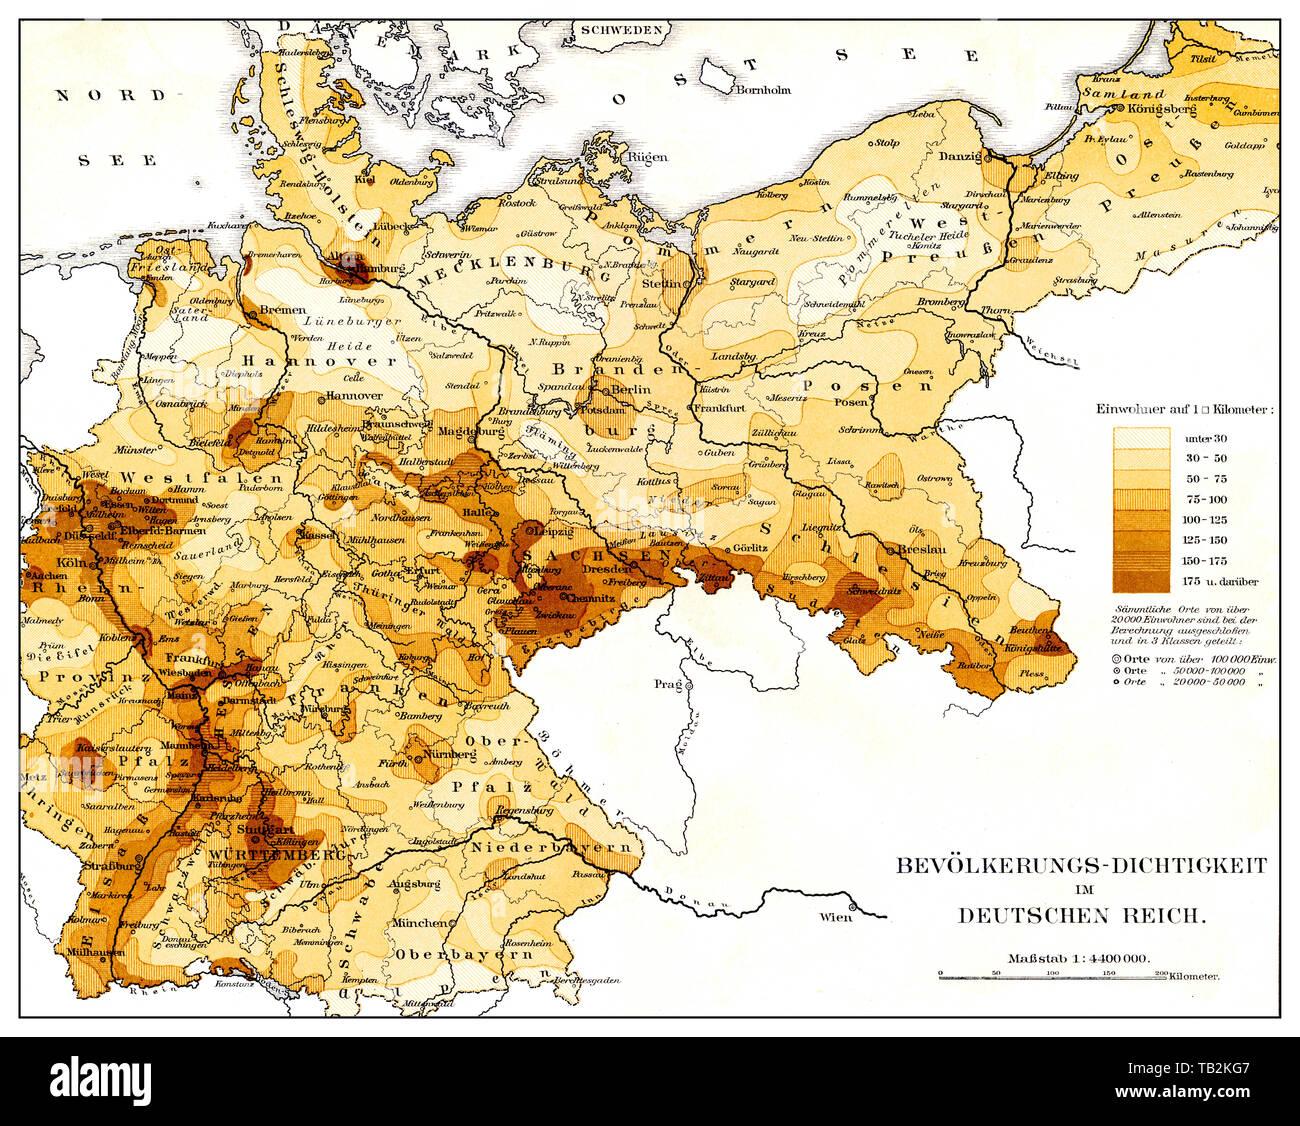 Deutsches Reich Karte 1943.German Reich Map Stock Photos German Reich Map Stock